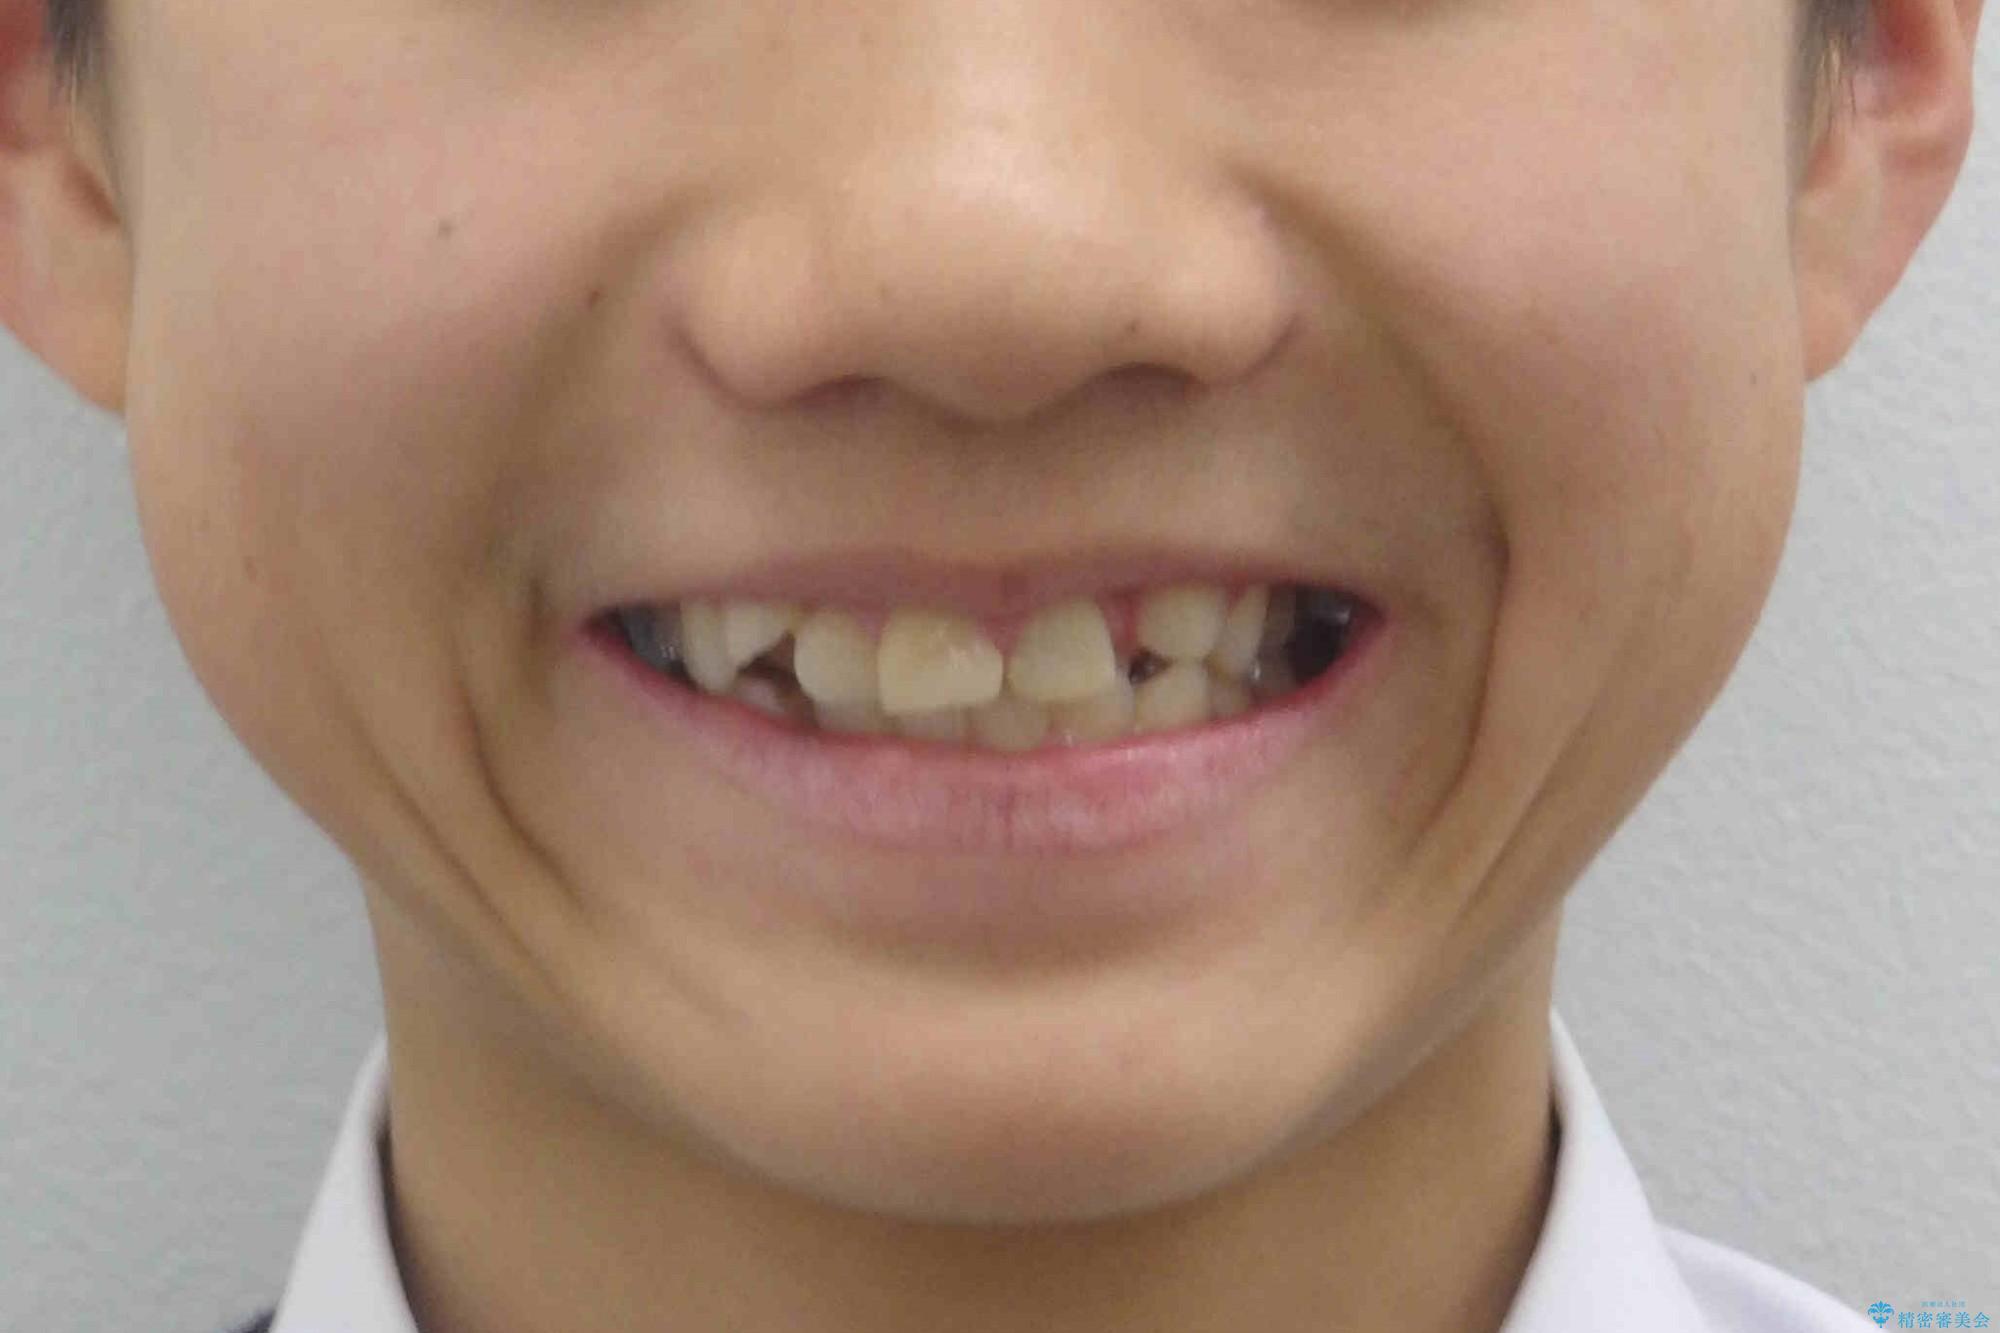 小さいころに前歯を折った がたがたの矯正+変色した前歯をセラミックにの治療前(顔貌)